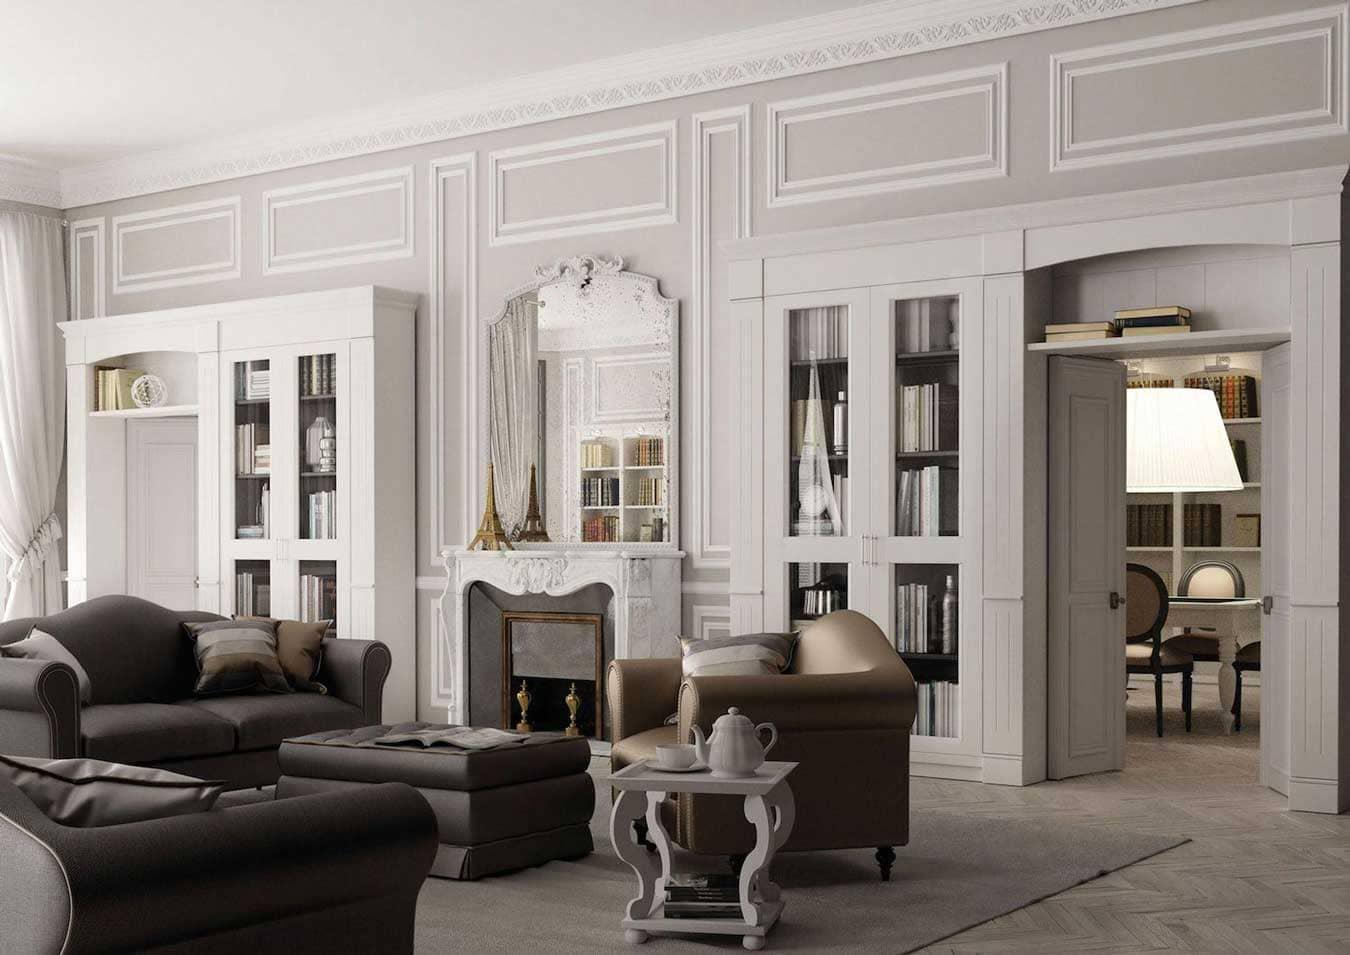 phong cách classic độc đáo - Housedesign